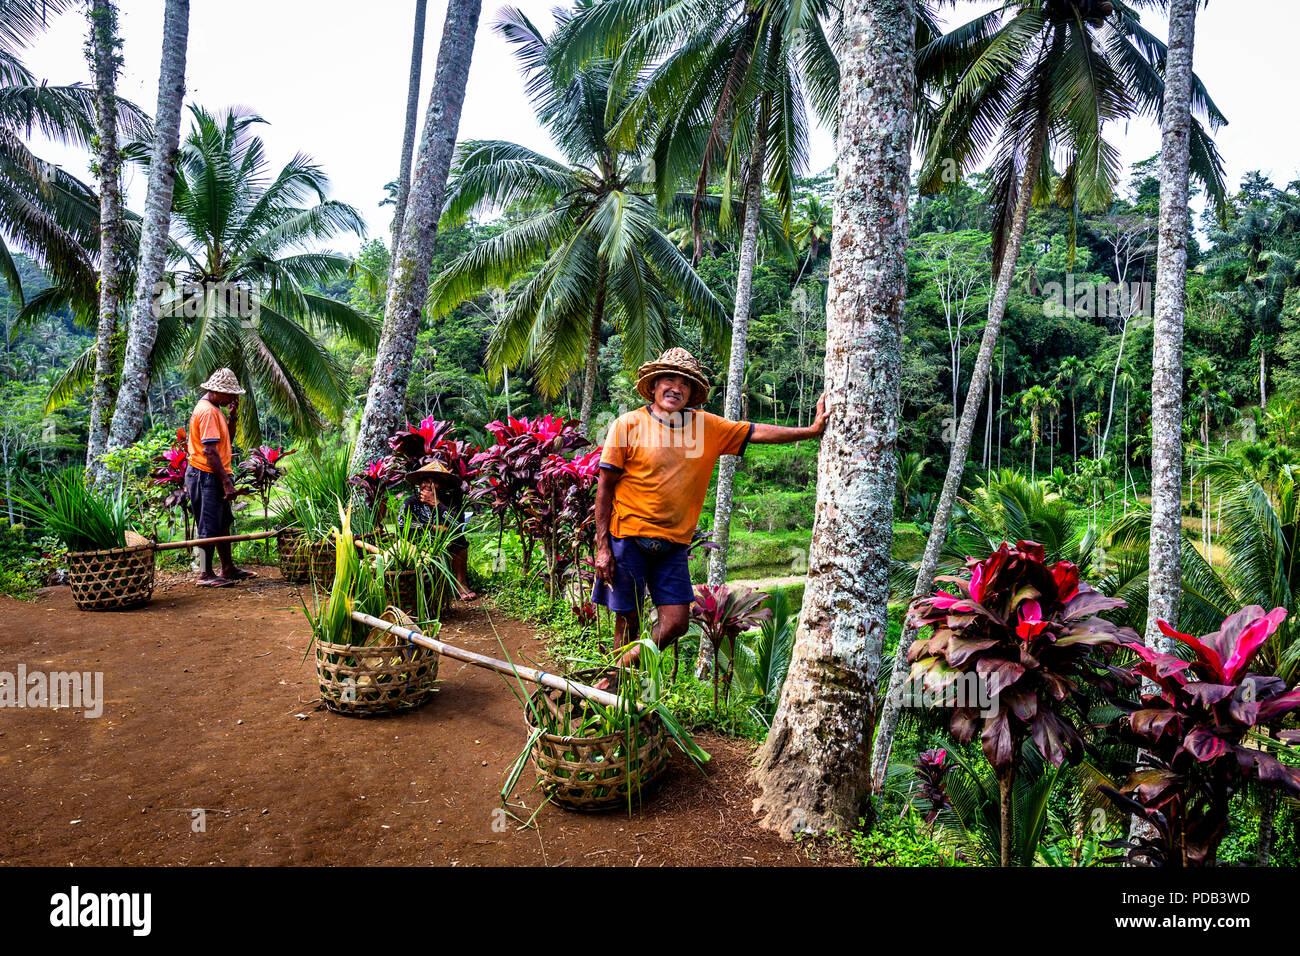 Ricefields tegallang - Kedisan, Tegallalang, Kabupaten Gianyar, Bali 80561 - Stock Image